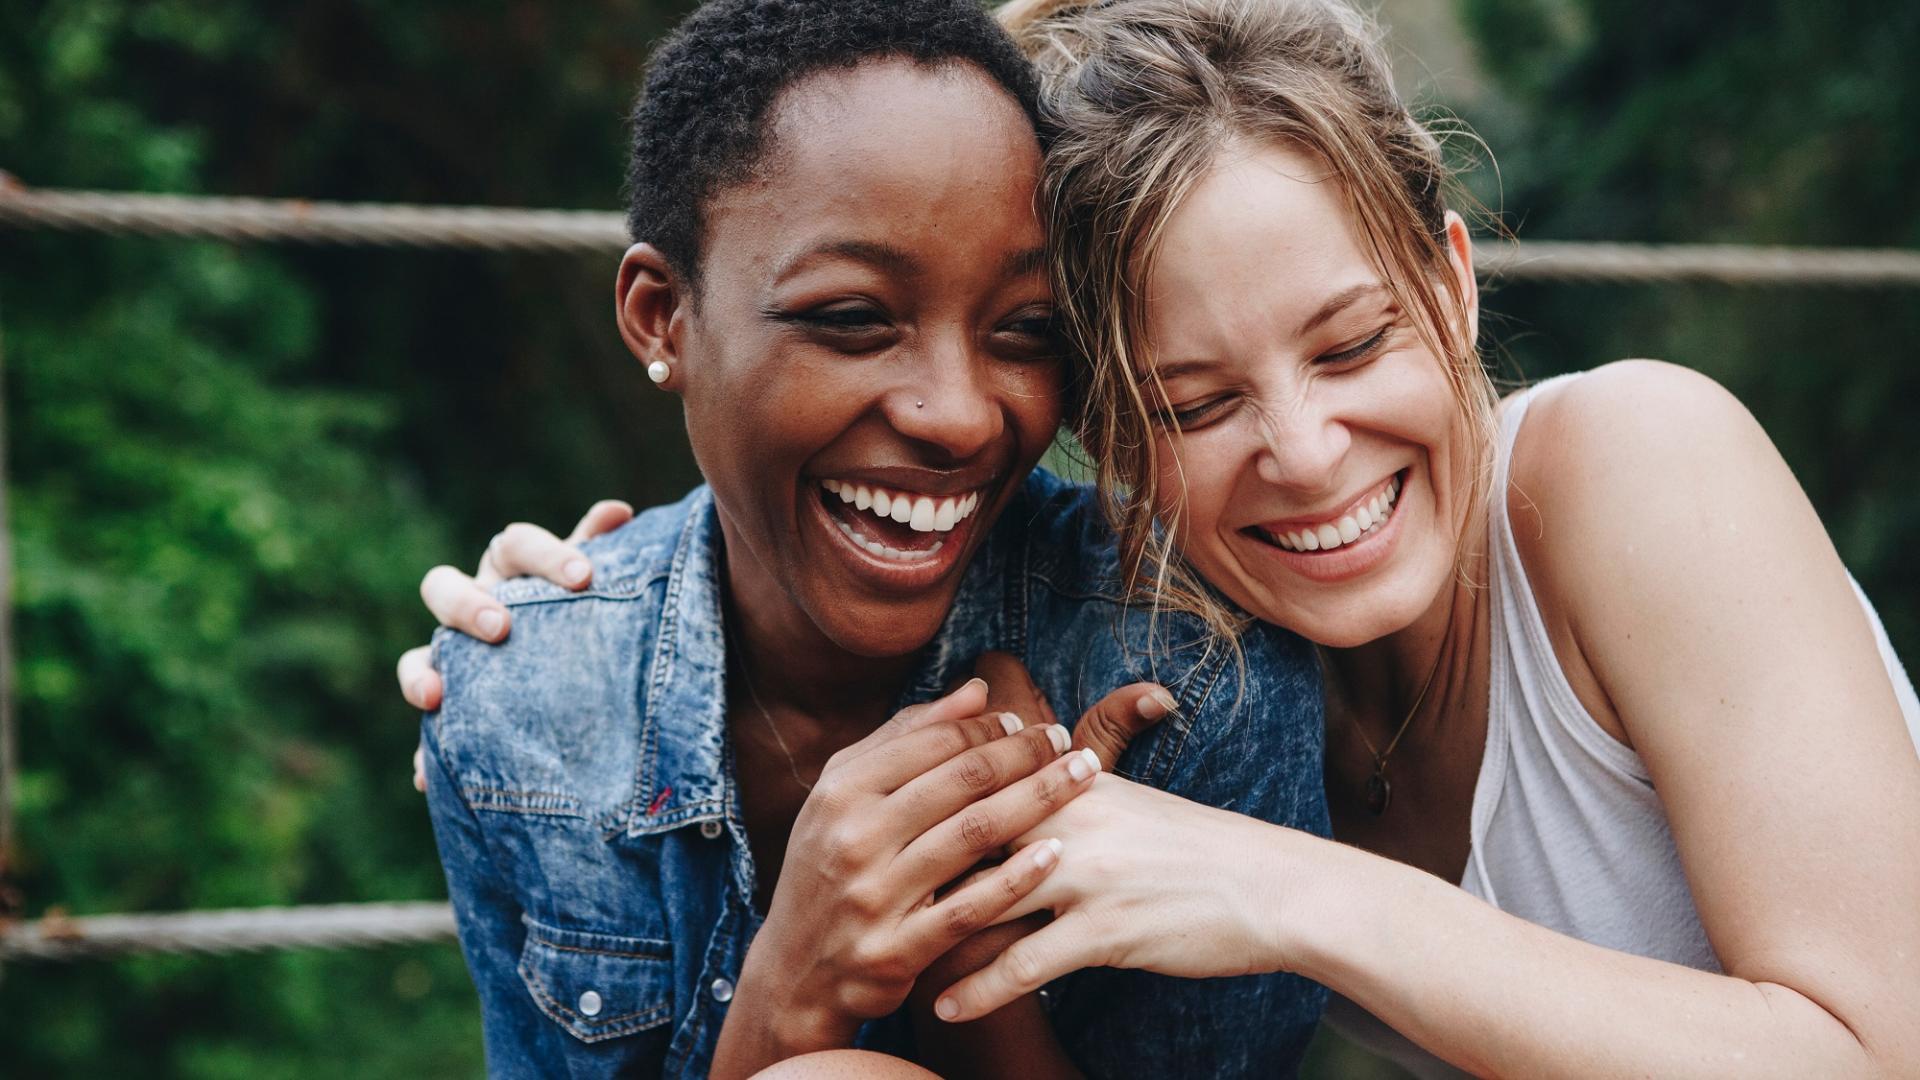 Freundschaften pflegen, Tag der Freundschaft, Freundinnen, Freundschaft, Lachen, Frauen, Liebe